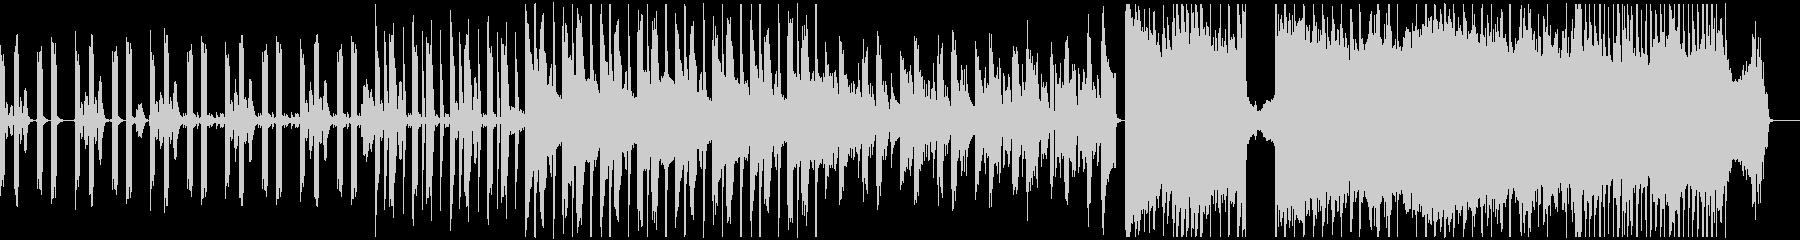 スタイリッシュ・オーケストラ・エレキの未再生の波形